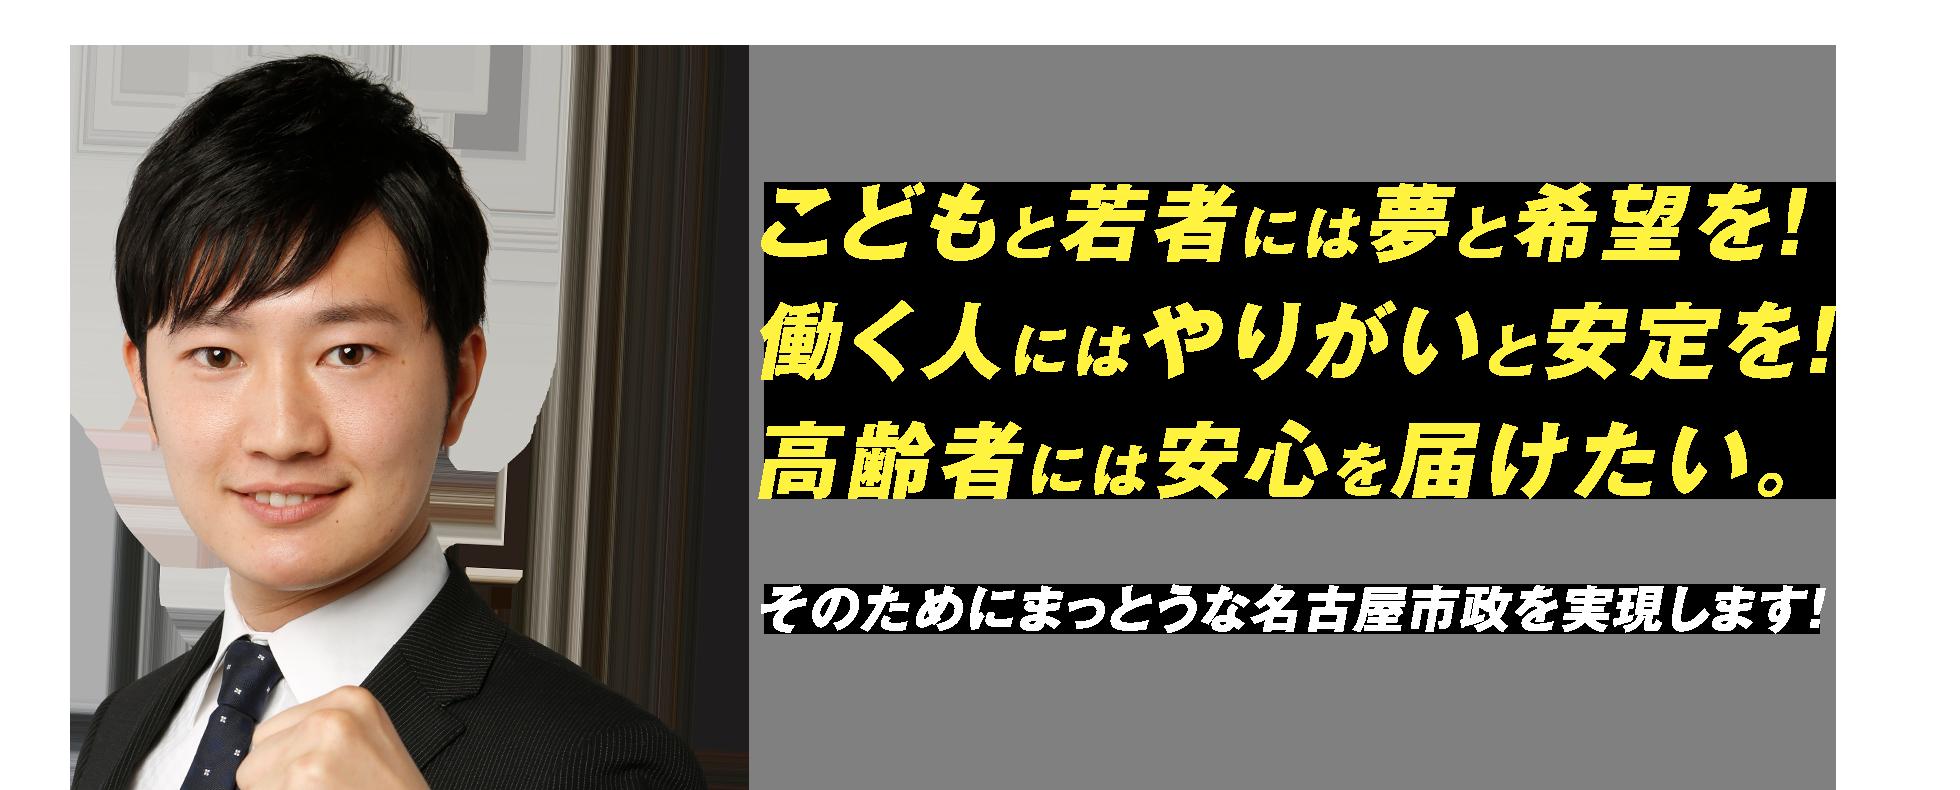 こどもと若者には夢と希望を!働く人にはやりがいと安定を!高齢者には安心を届けたい。そのためにまっとうな名古屋市政を実現します!